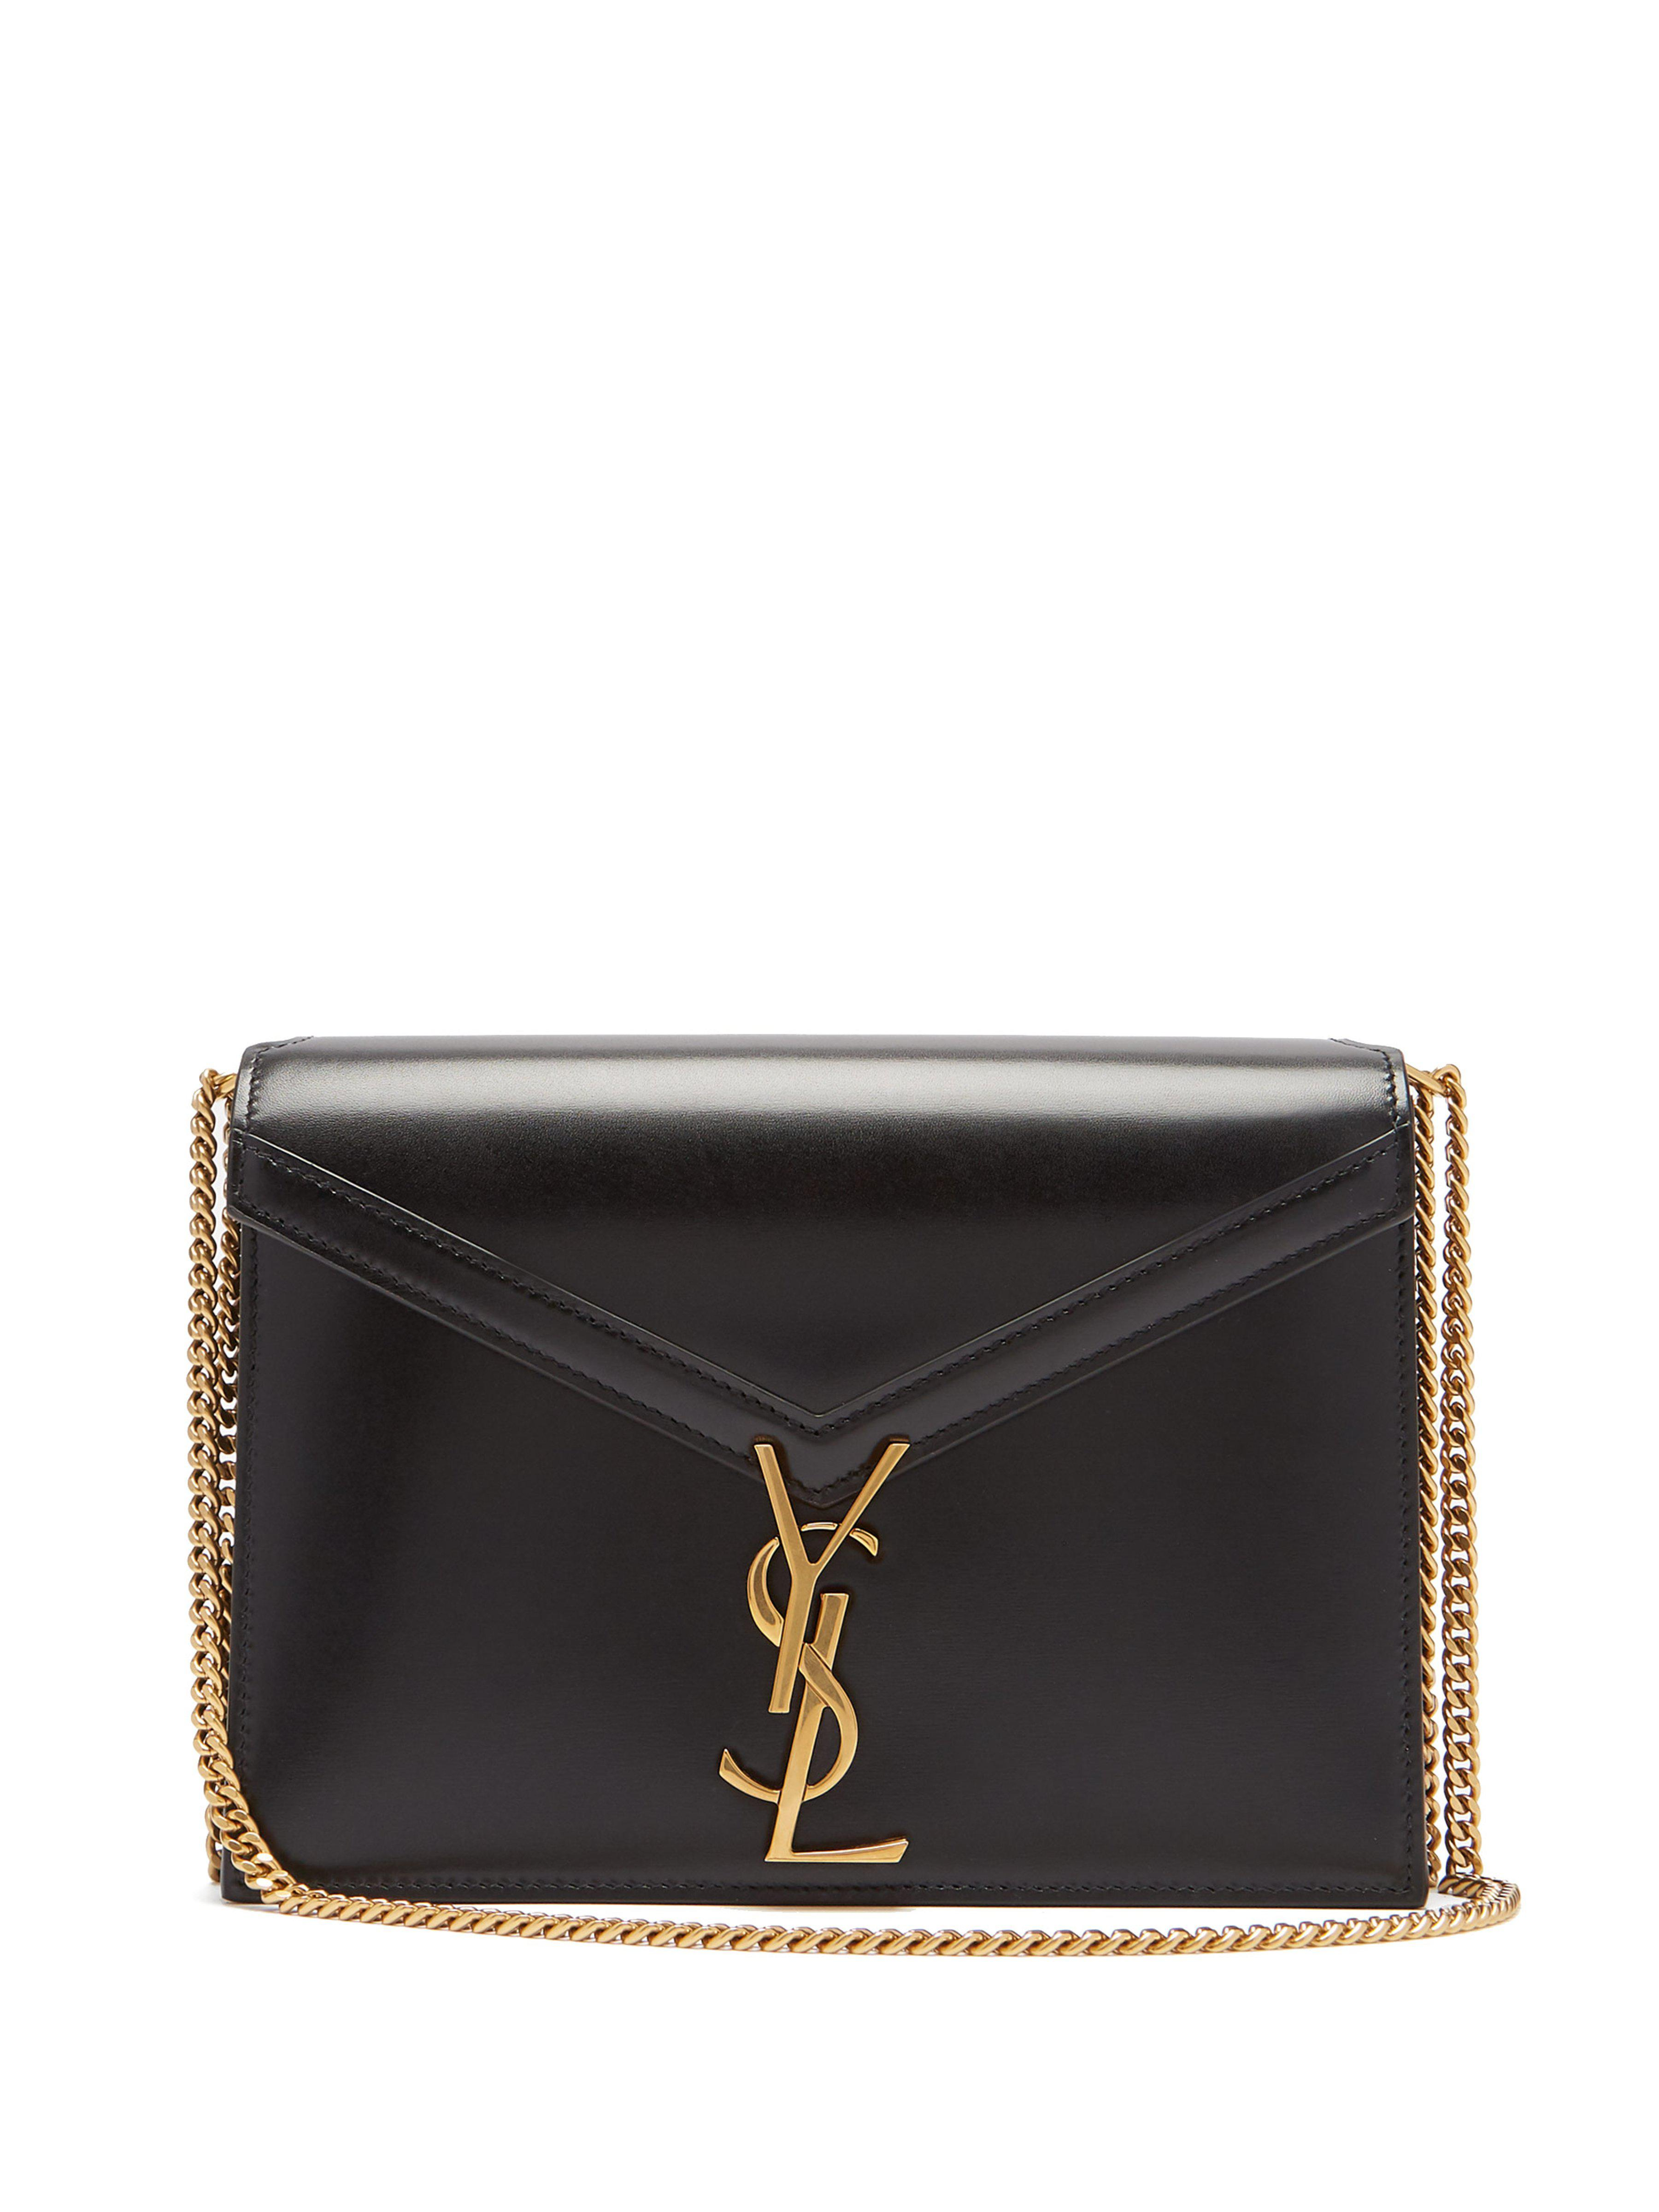 Saint Laurent Cassandra Monogram Leather Cross Body Bag in Black - Lyst 5f02627298939